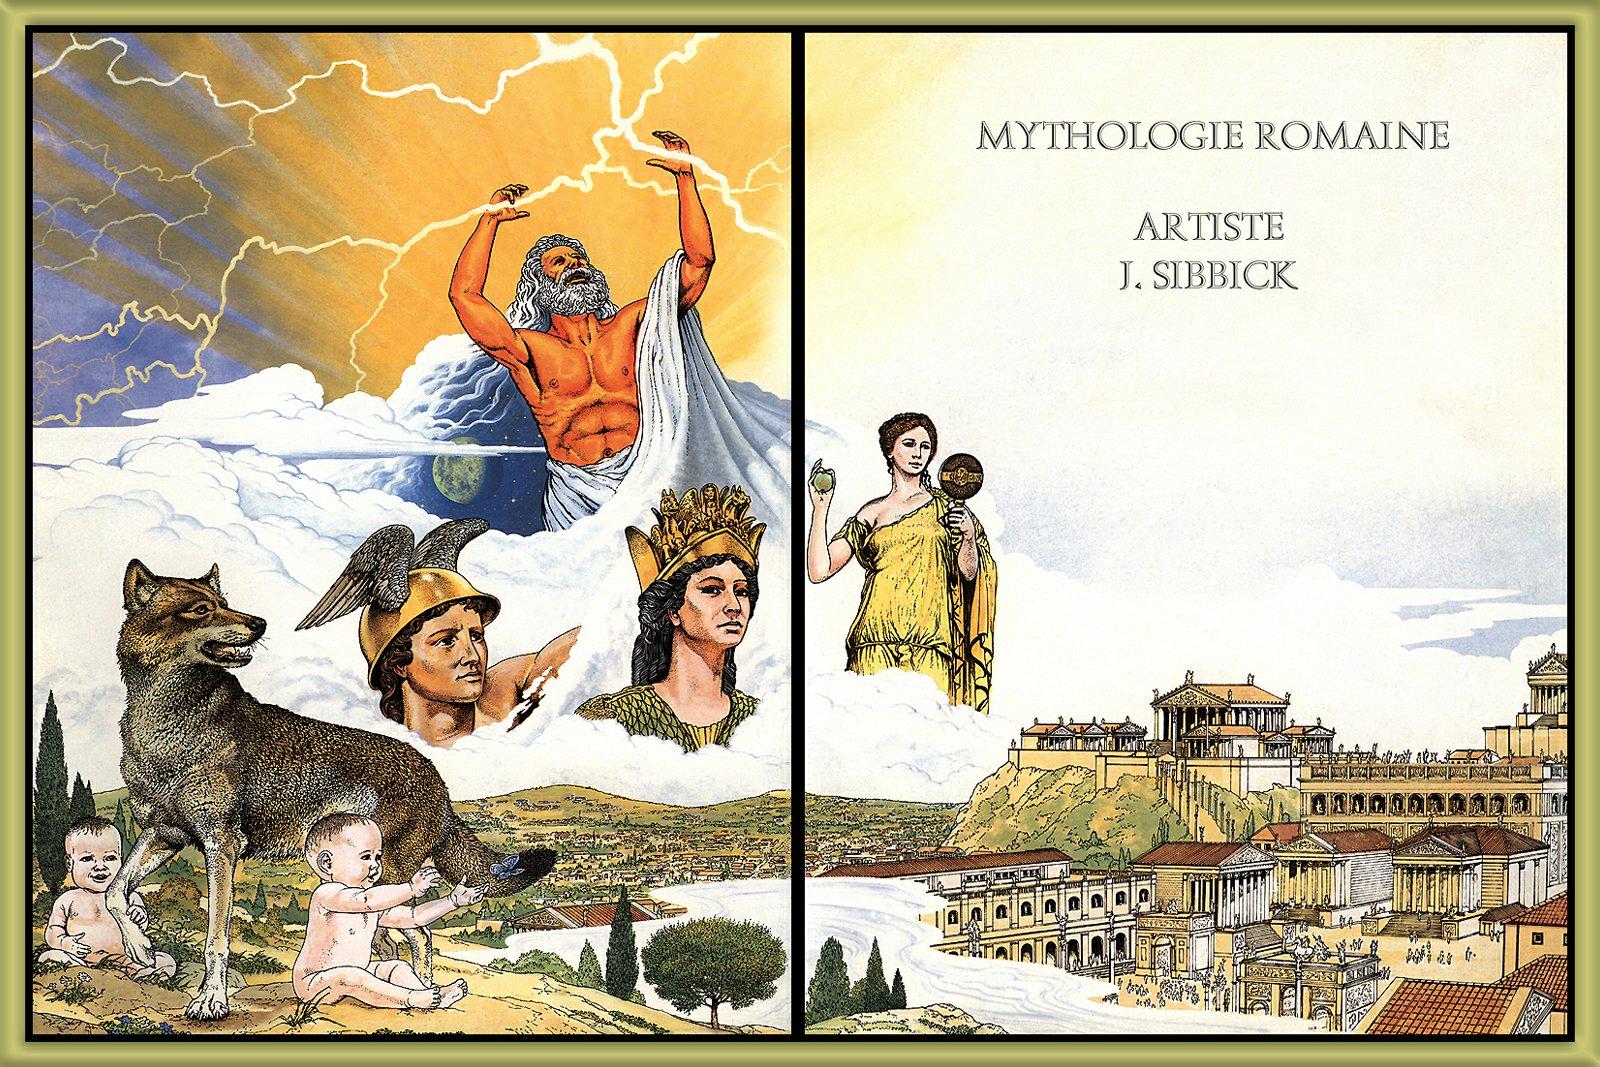 Ds-MythologieRomaine01-Mythologie.jpg